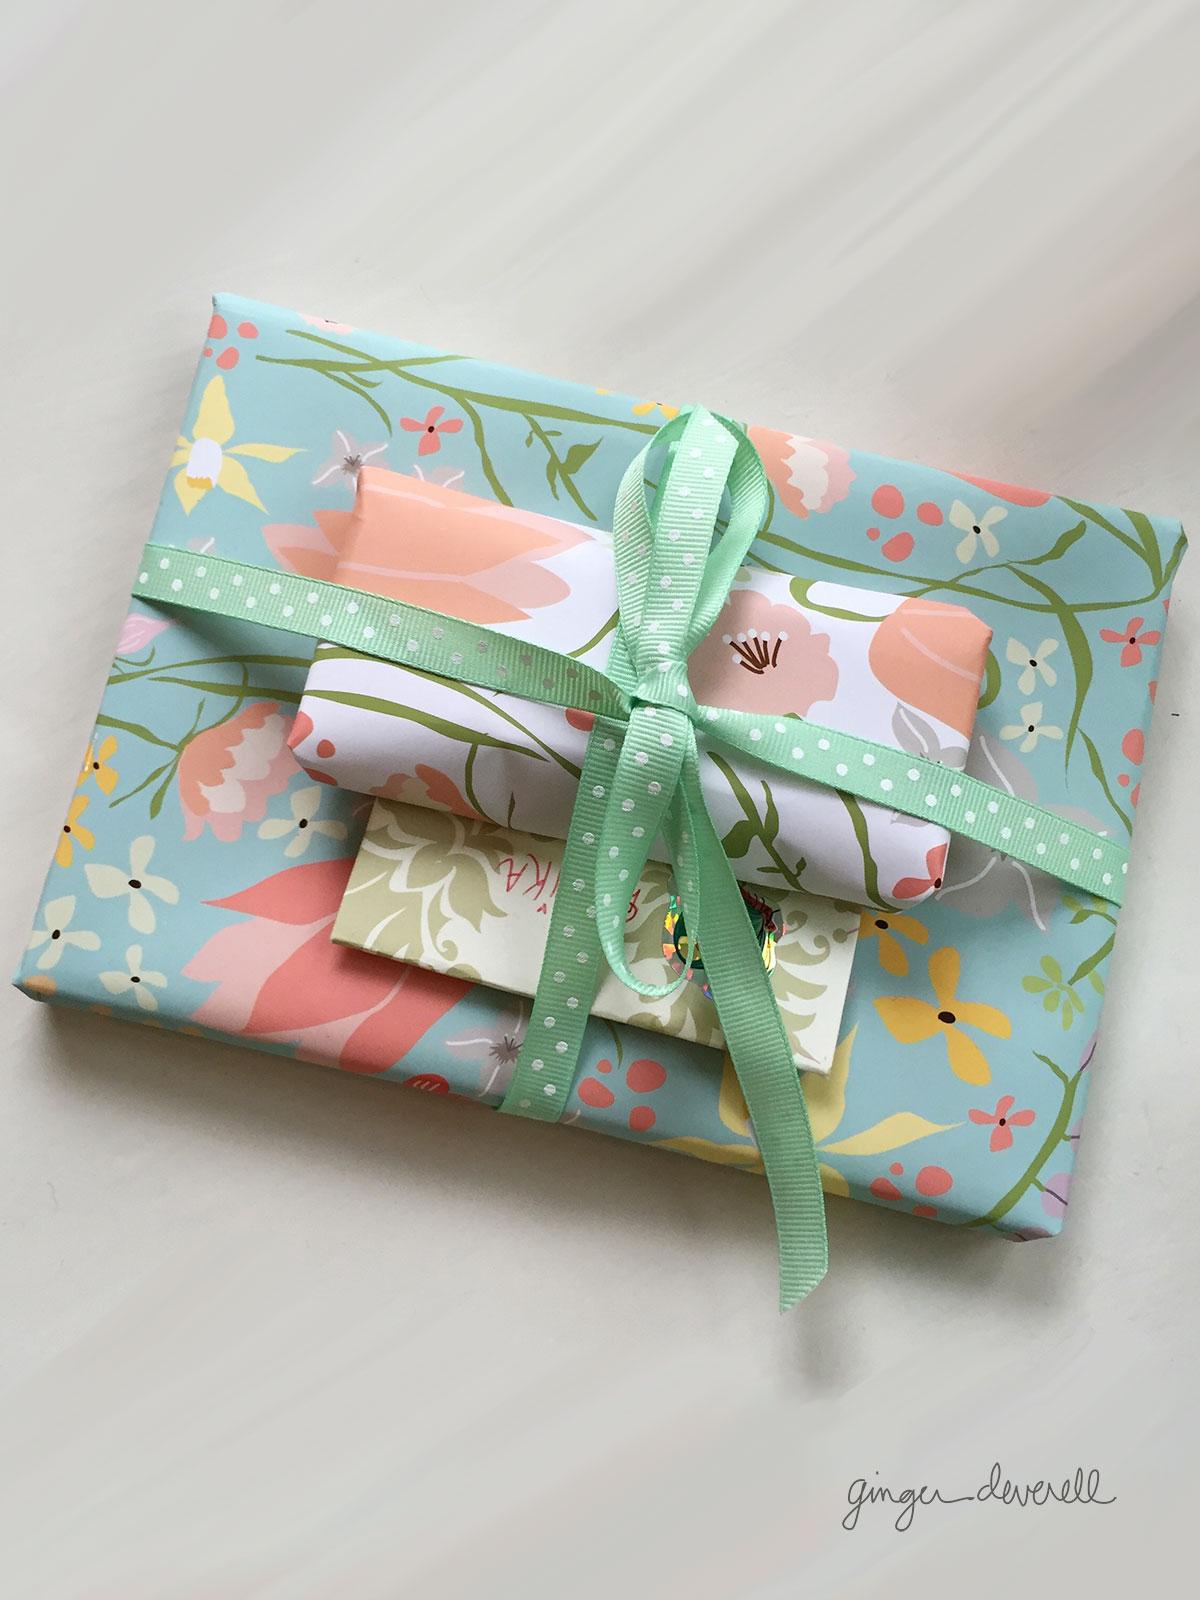 Giftwrap1-GingerDeverell.jpg